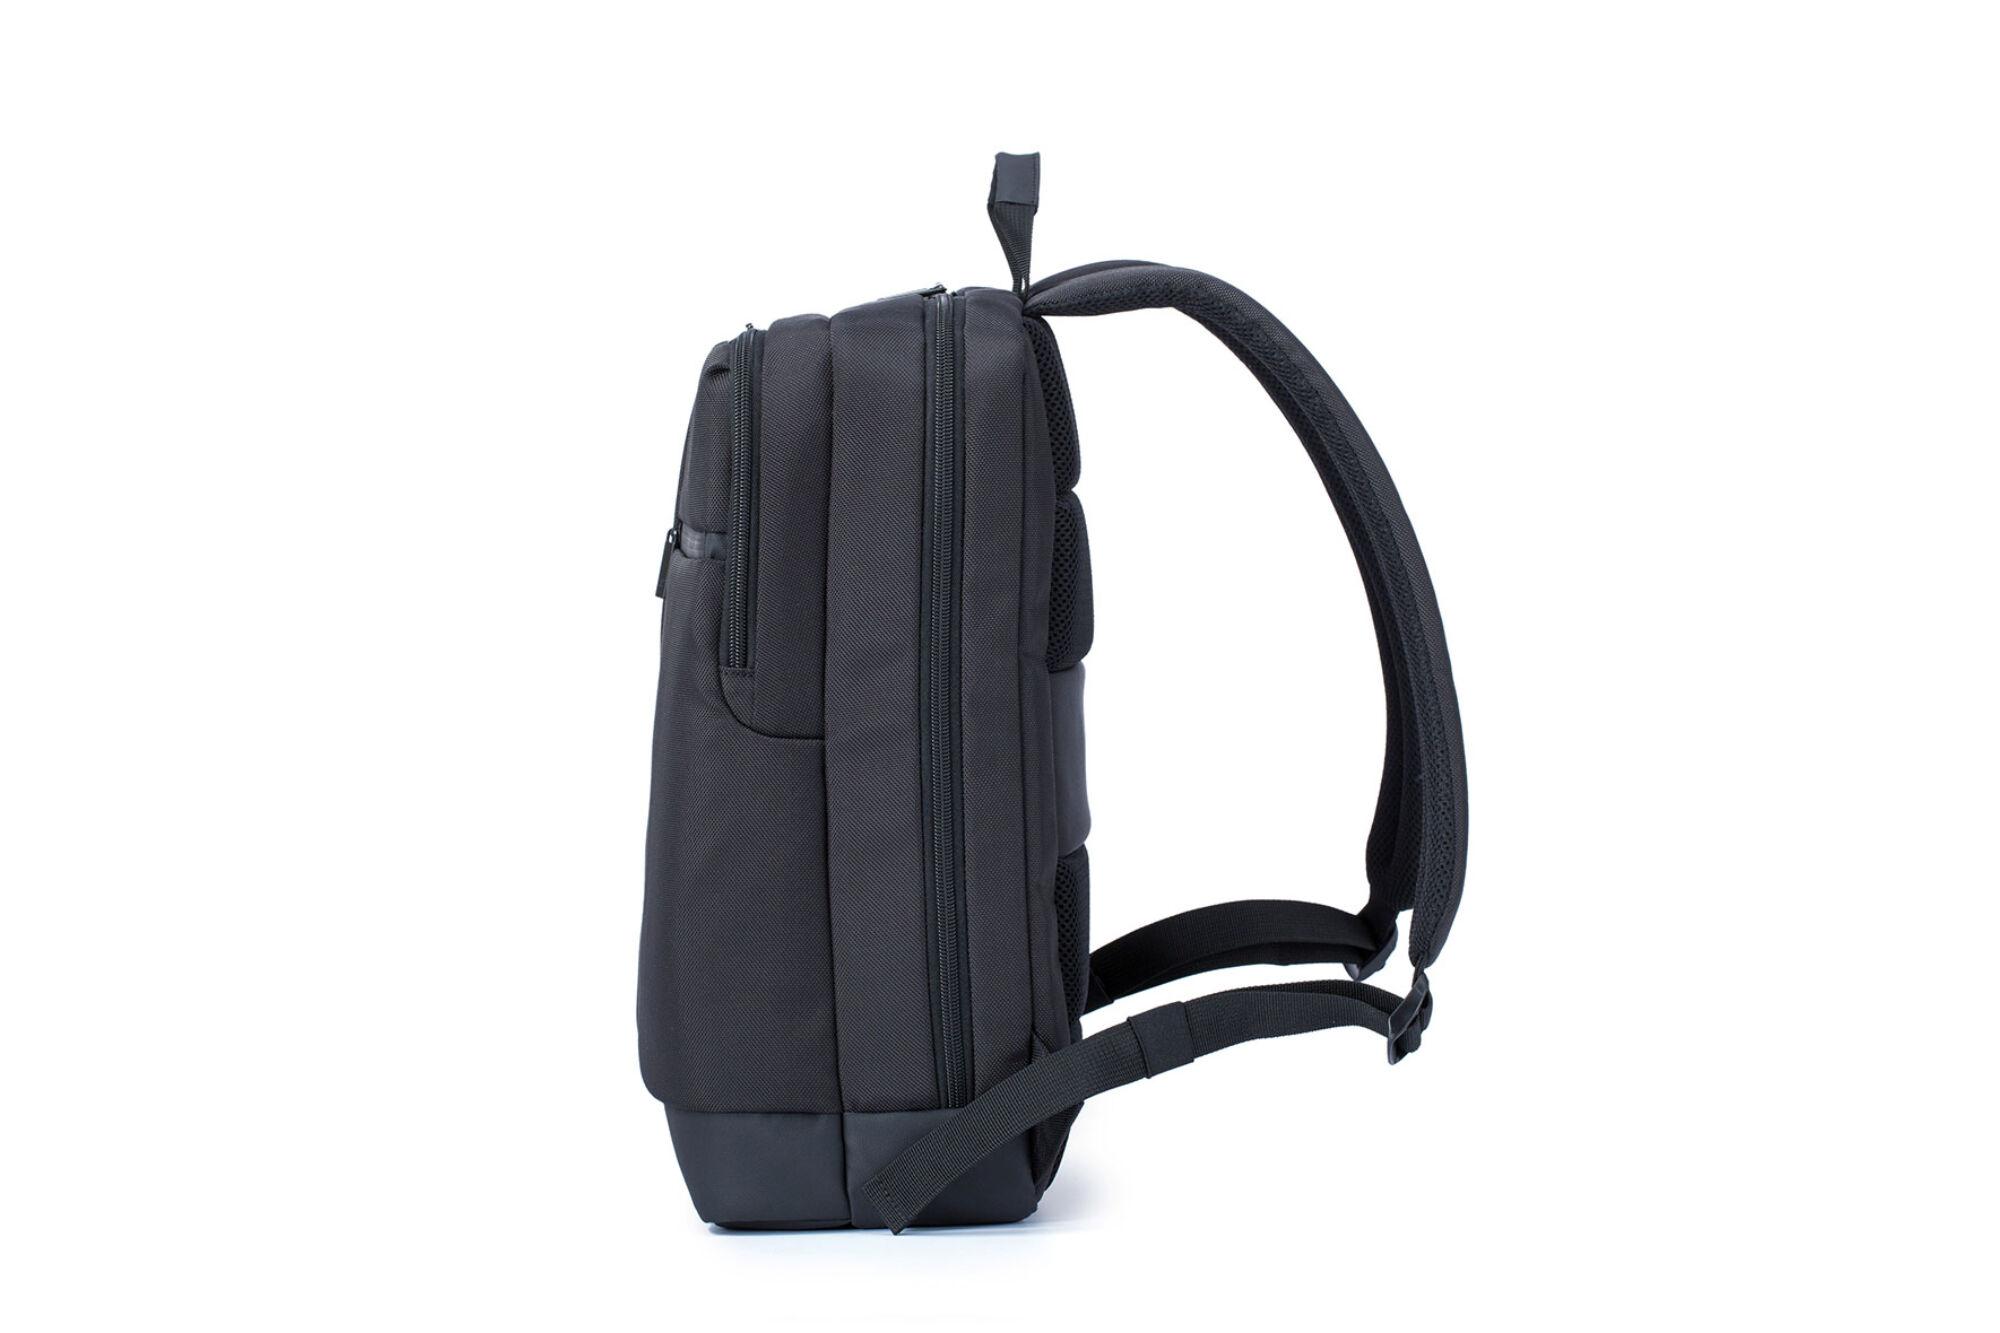 d6a0bb5dcde2 Xiaomi Mi Business klasszikus üzleti hátizsák - FEKETE - Notebook ...